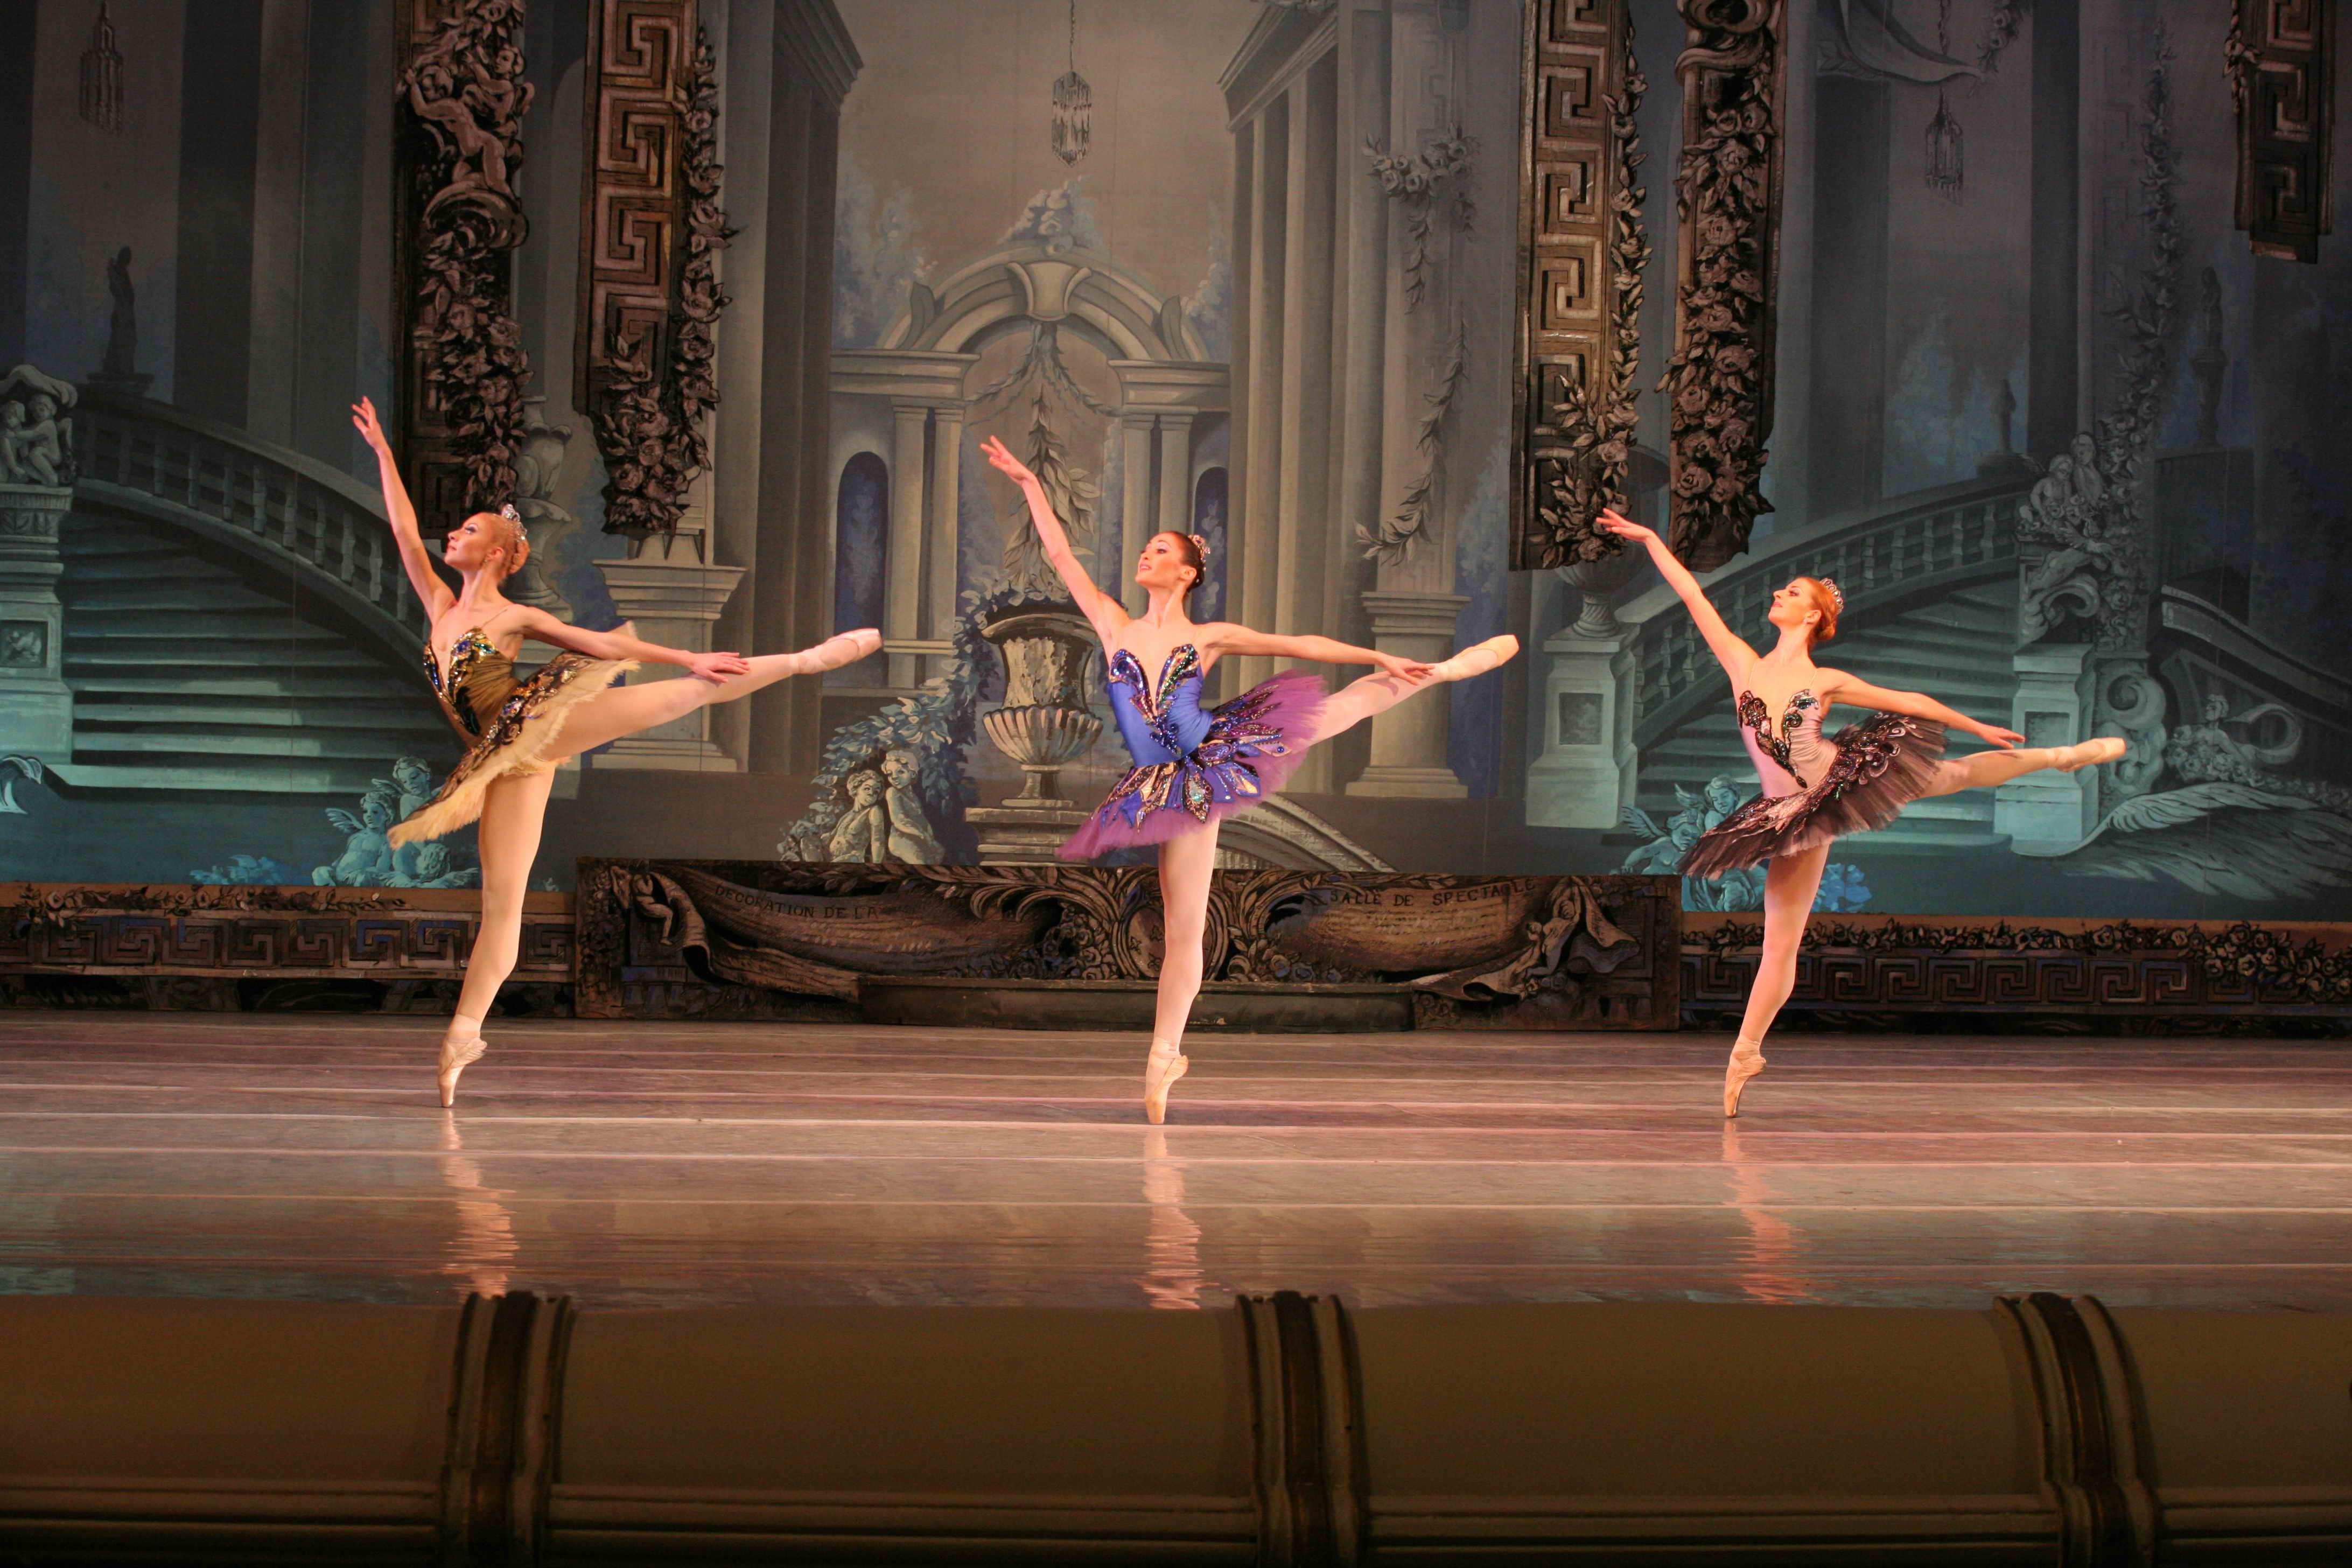 La Belle au Bois Dormant # Ballet Belle Au Bois Dormant